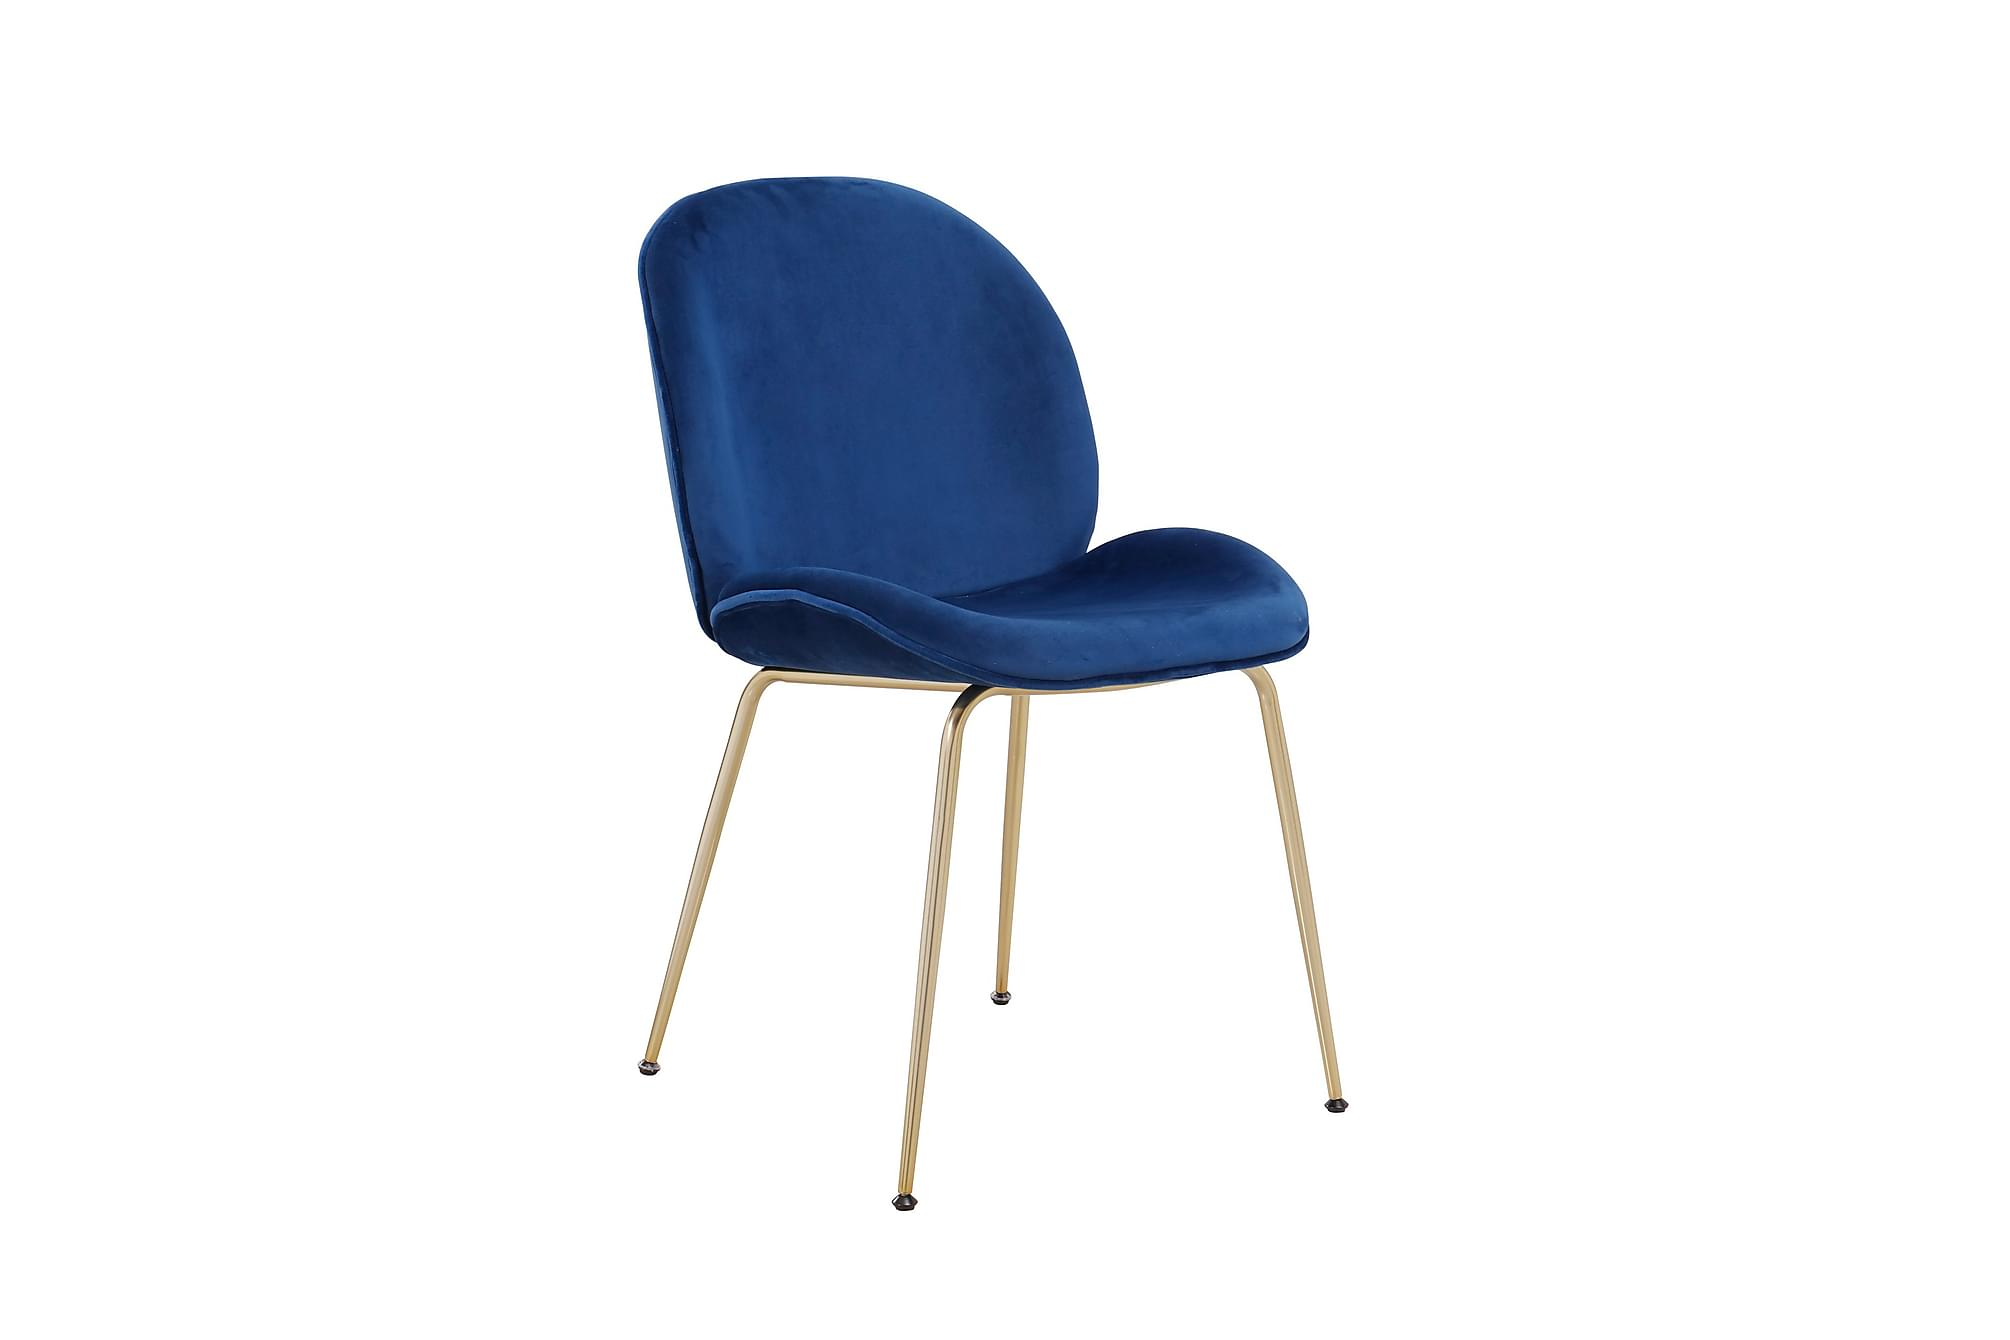 ACIERNO Matstol 51 cm Mörkblå, Matstolar